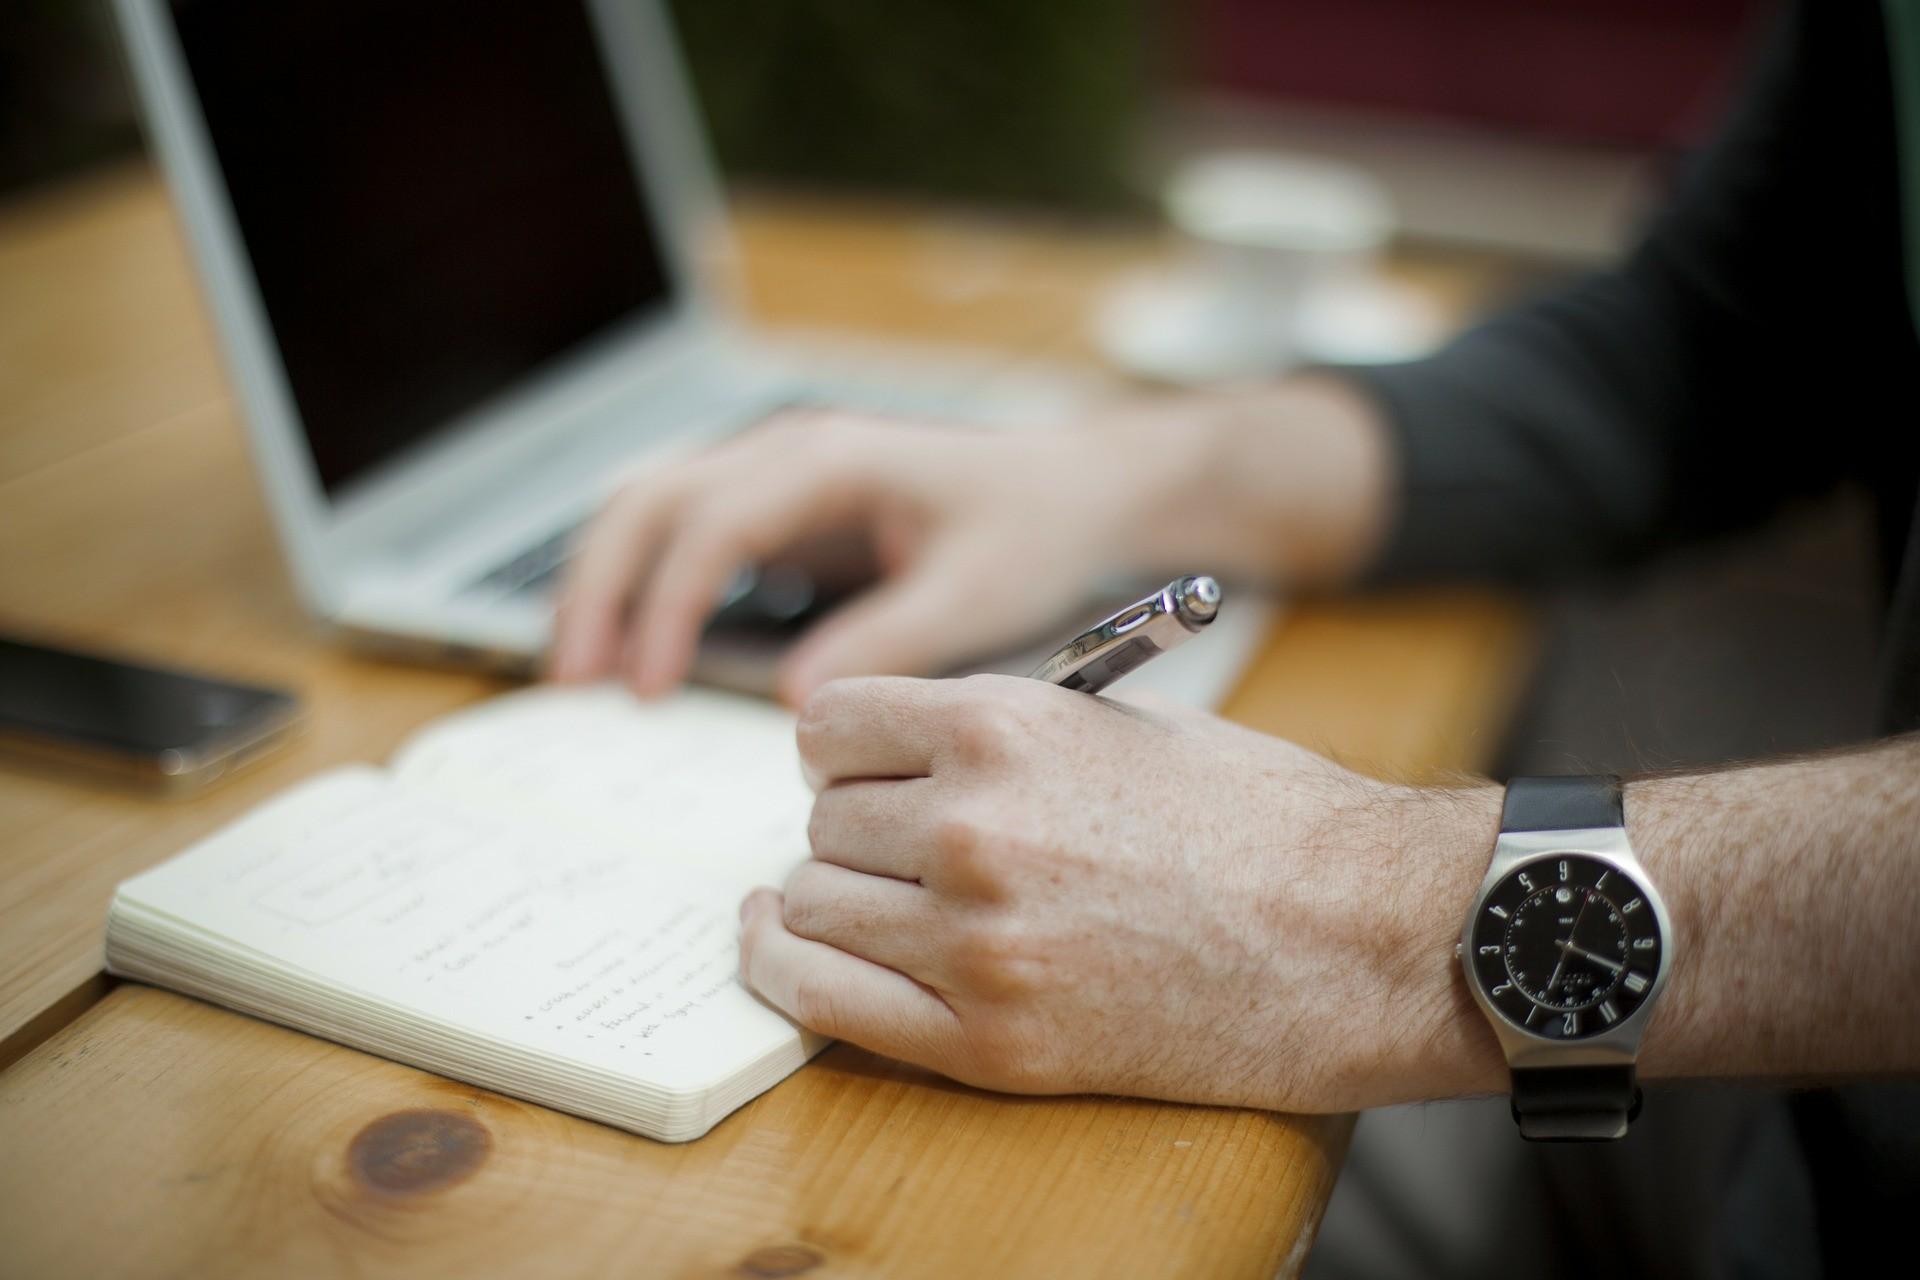 ▲▼手錶。(示意圖/取自免費圖庫Pixabay)